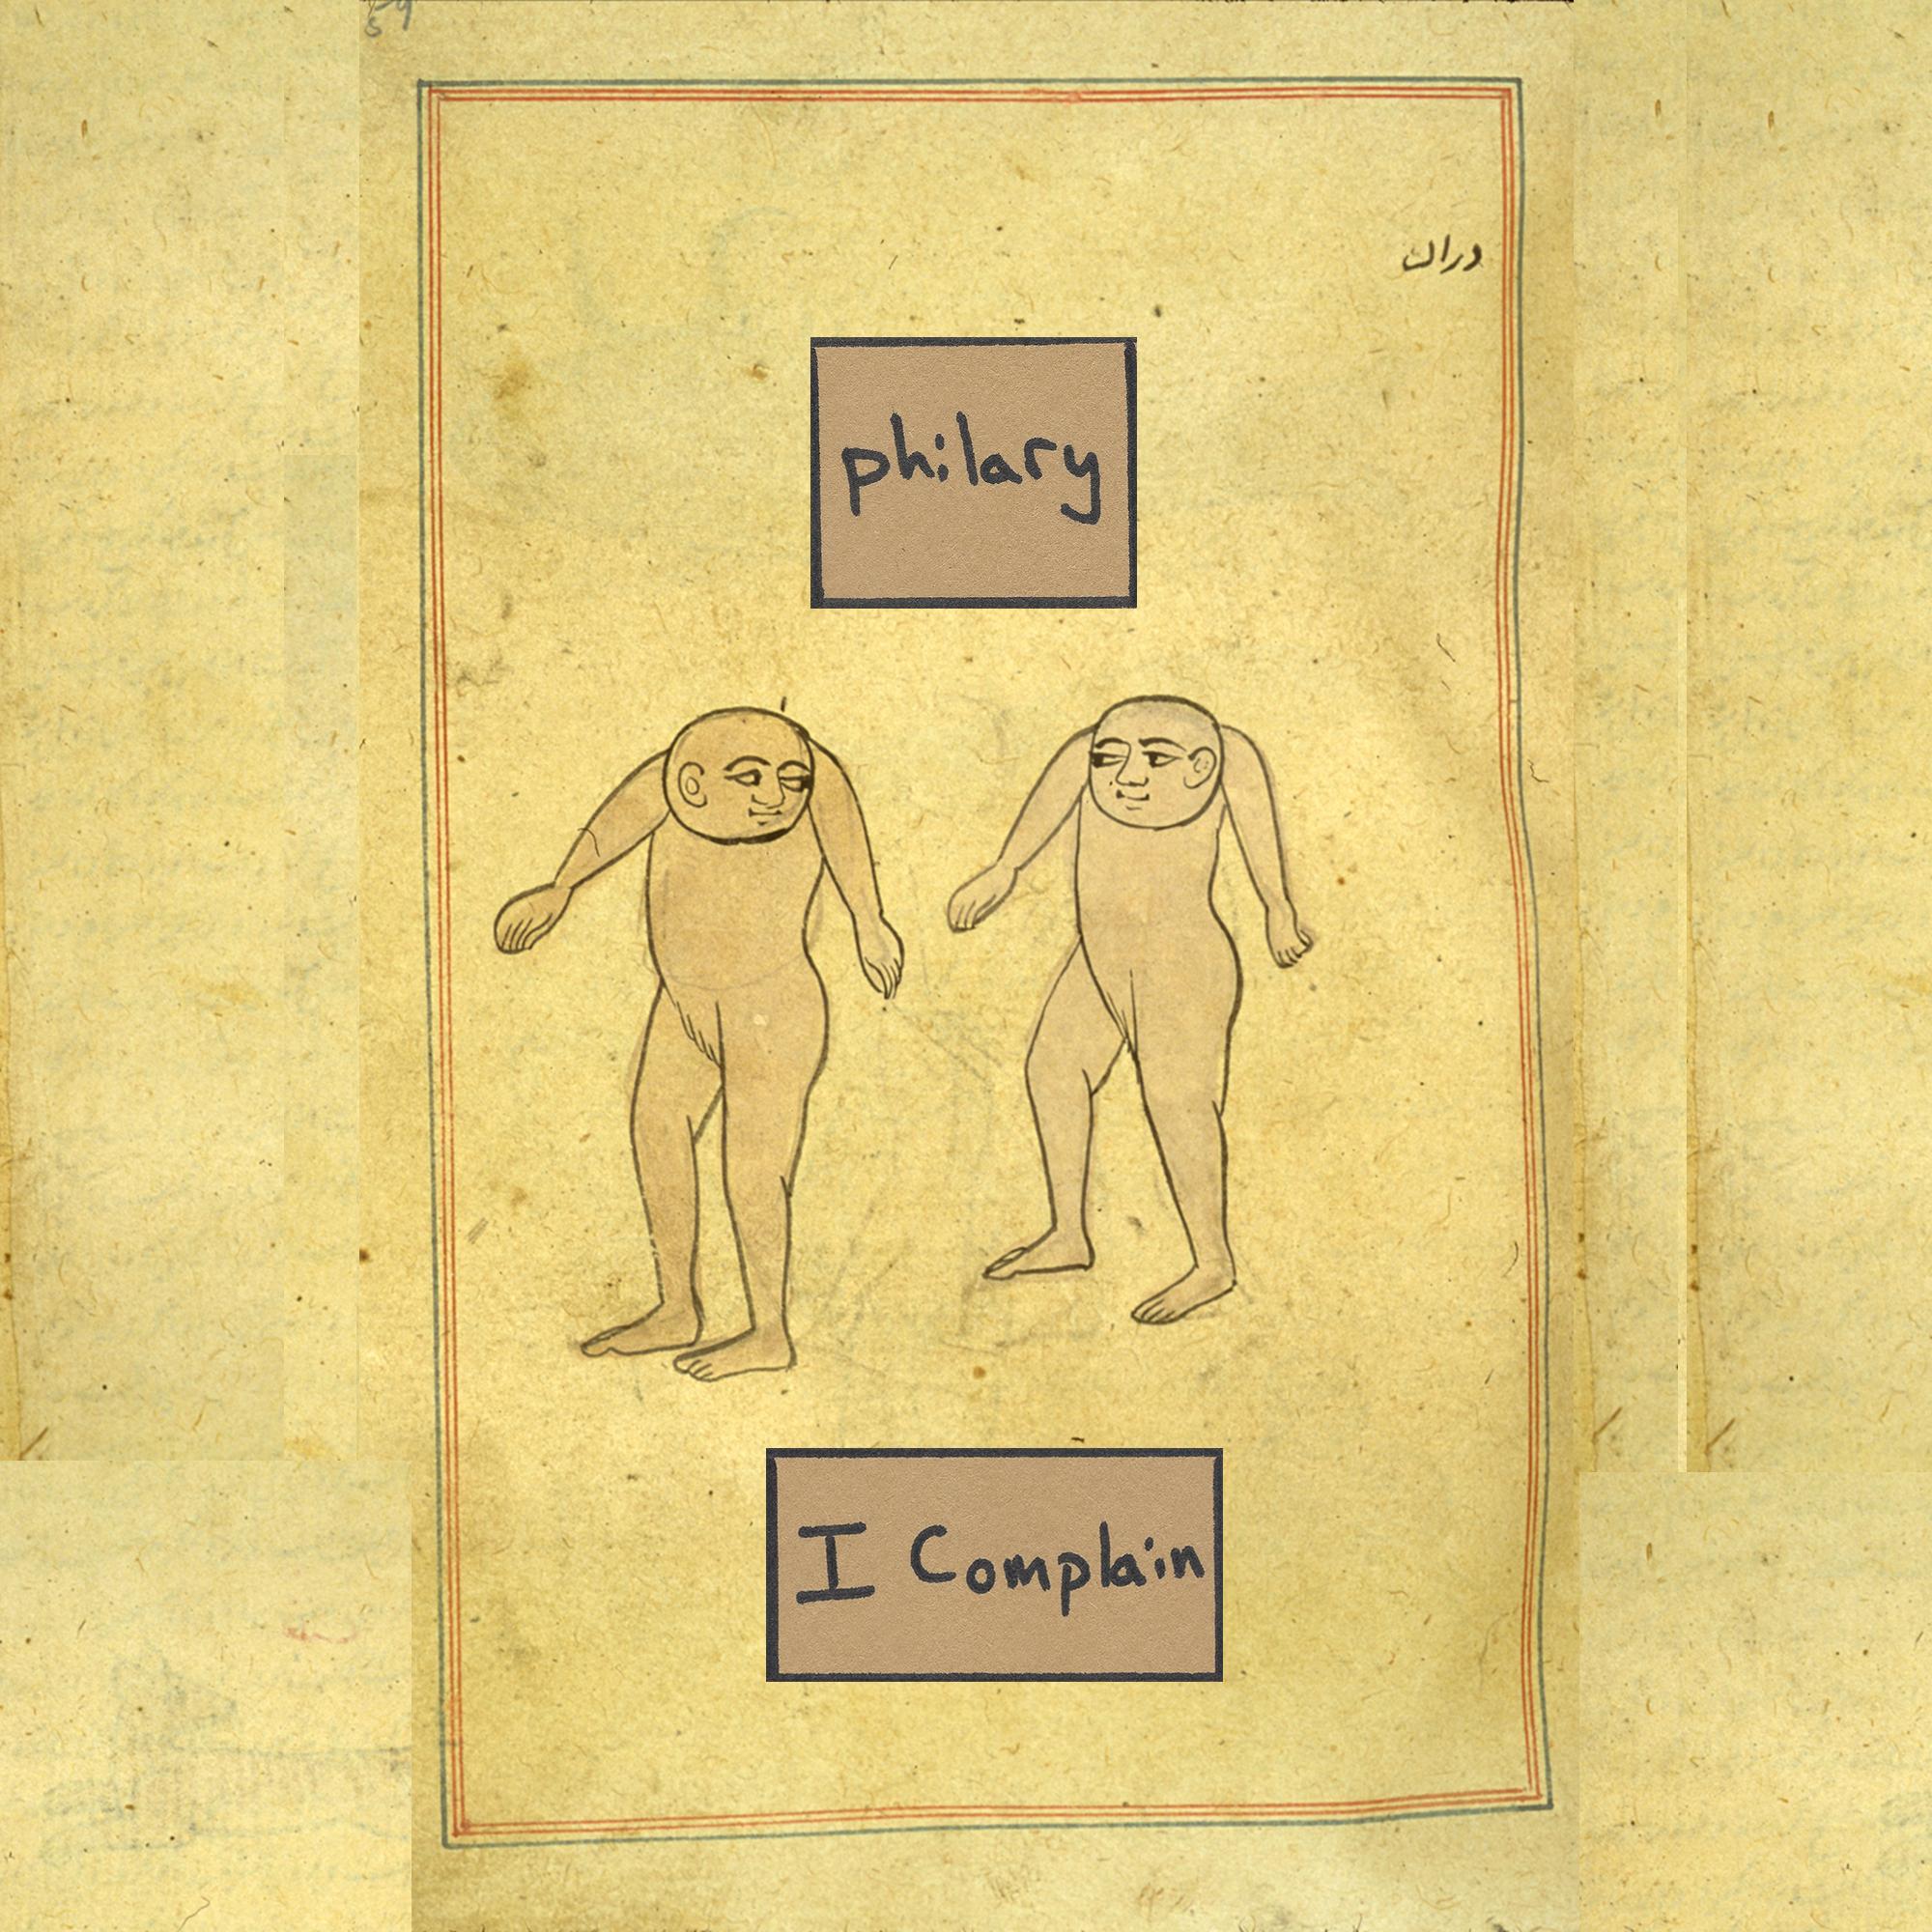 philary cover.jpg